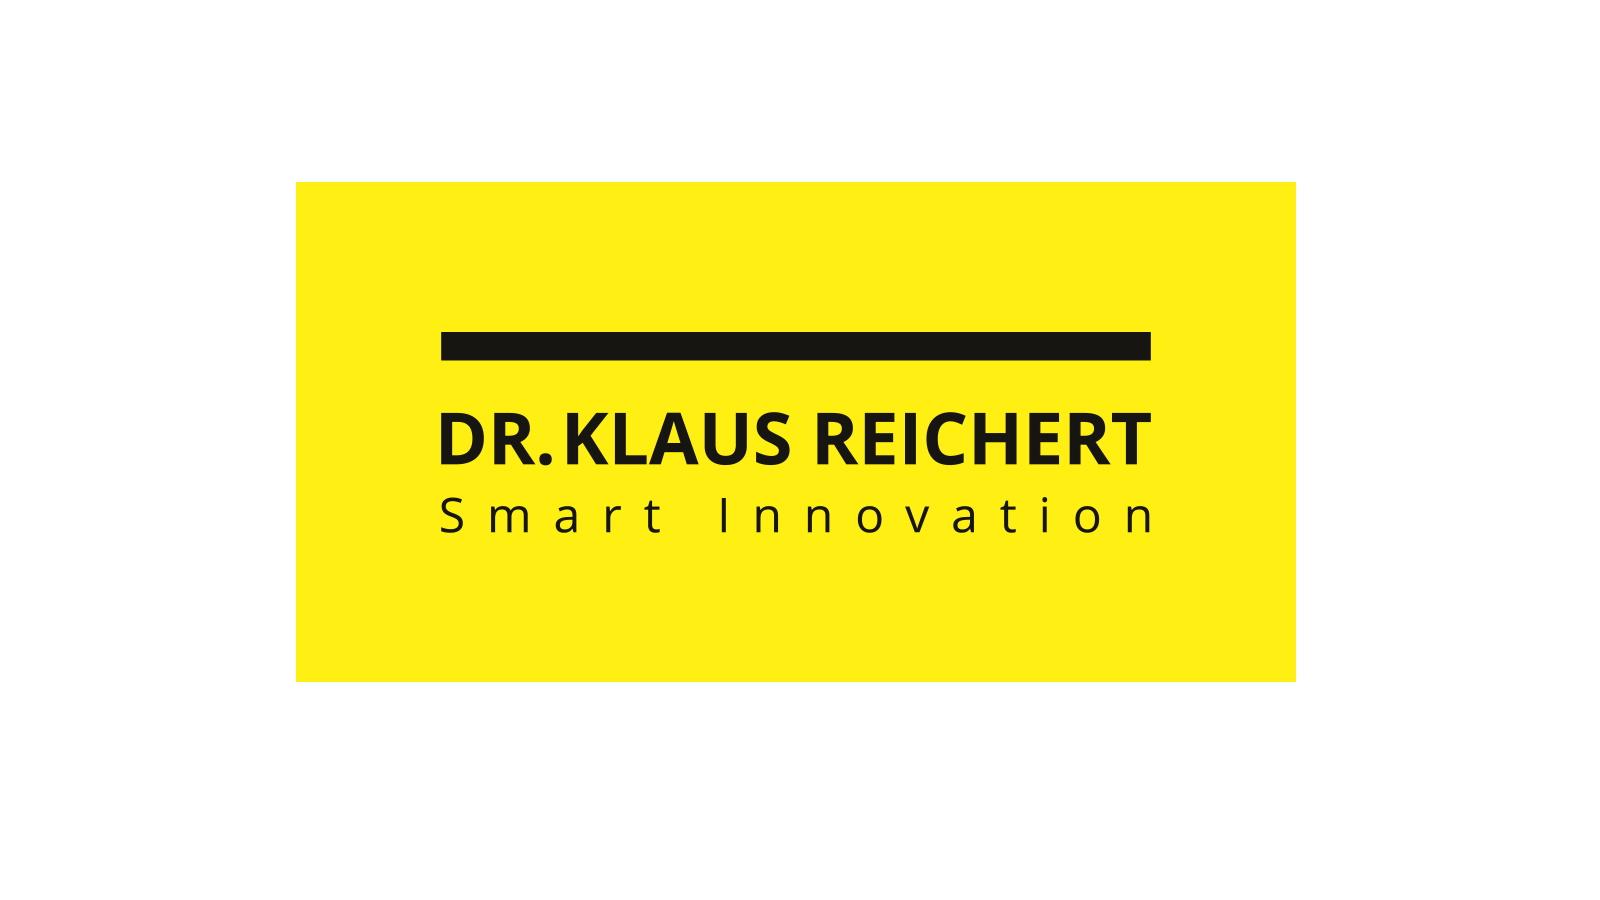 Dr. Klaus Reichert